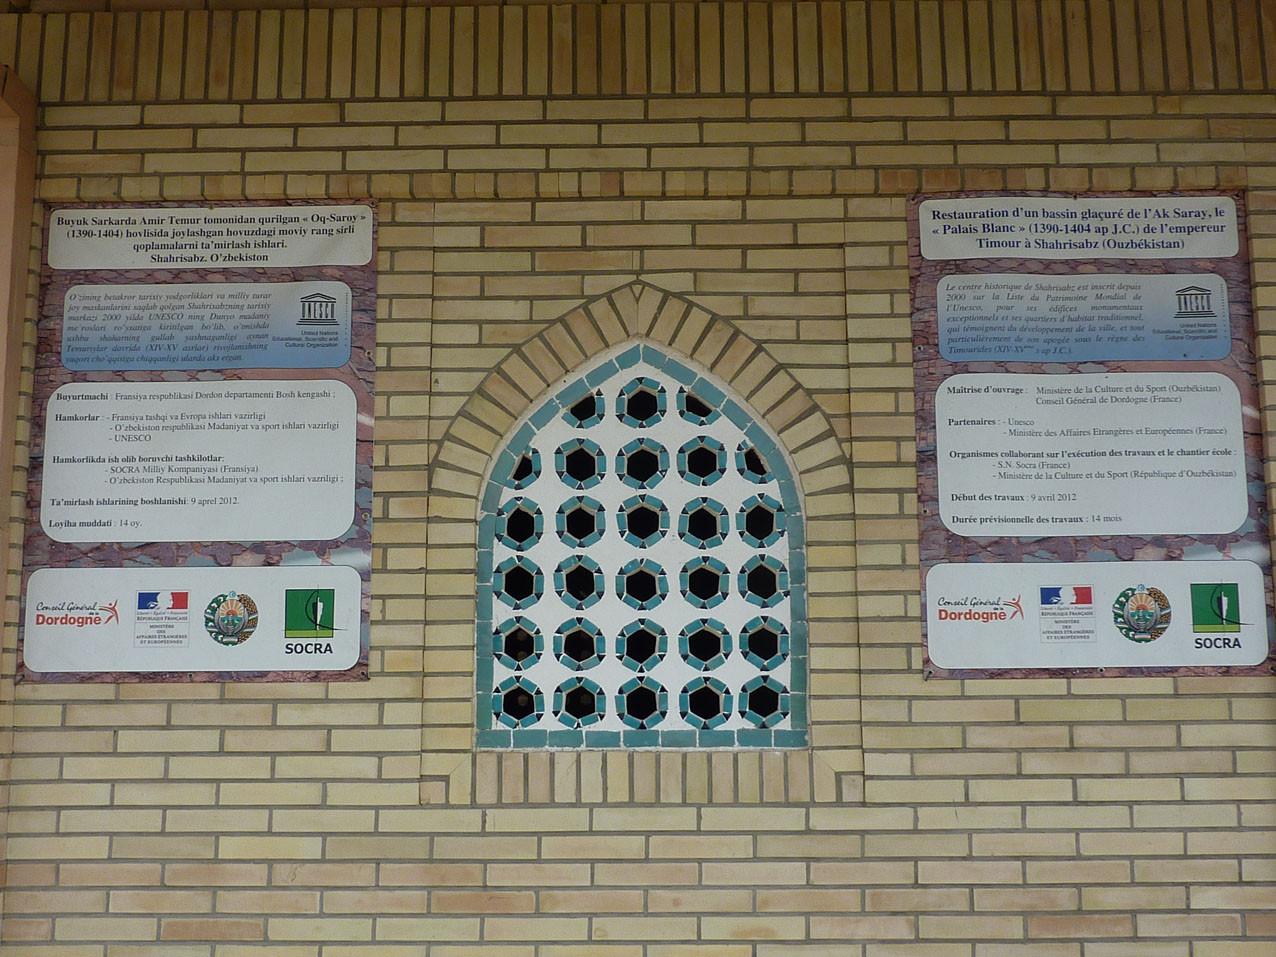 Chaque baie est fermée par un treillis de plâtre décoré de céramique glaçurée (Socra, 2012)